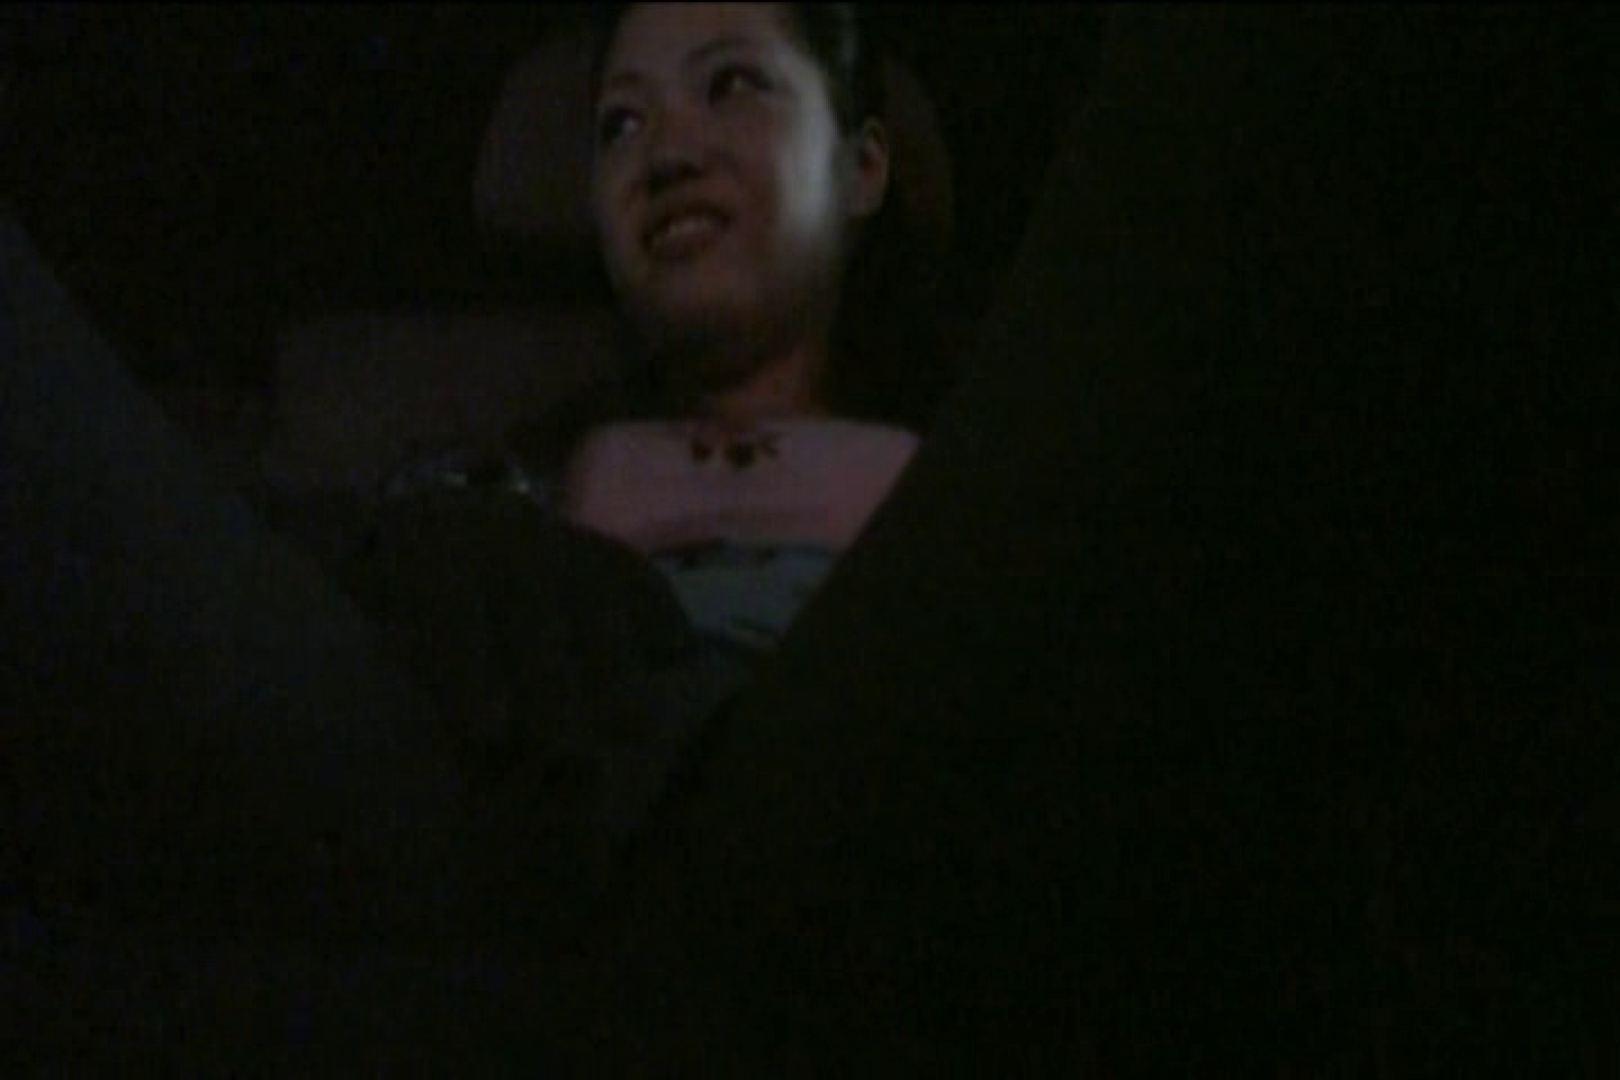 車内で初めまして! vol01 出会い系 えろ無修正画像 102PIX 83